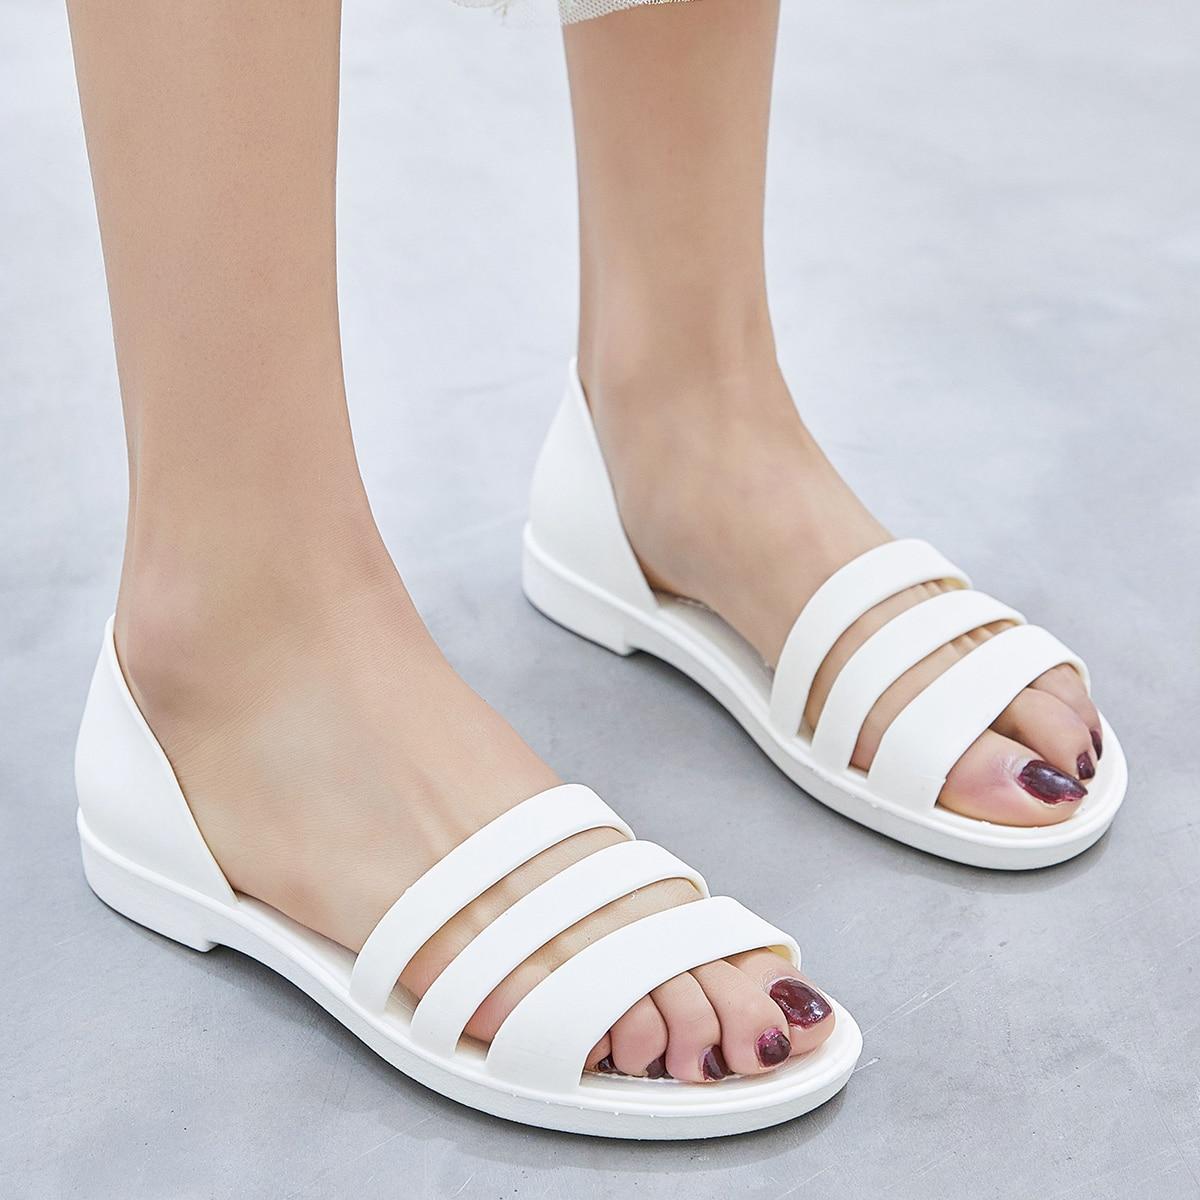 SHEIN Minimalistische sandalen met riempjes